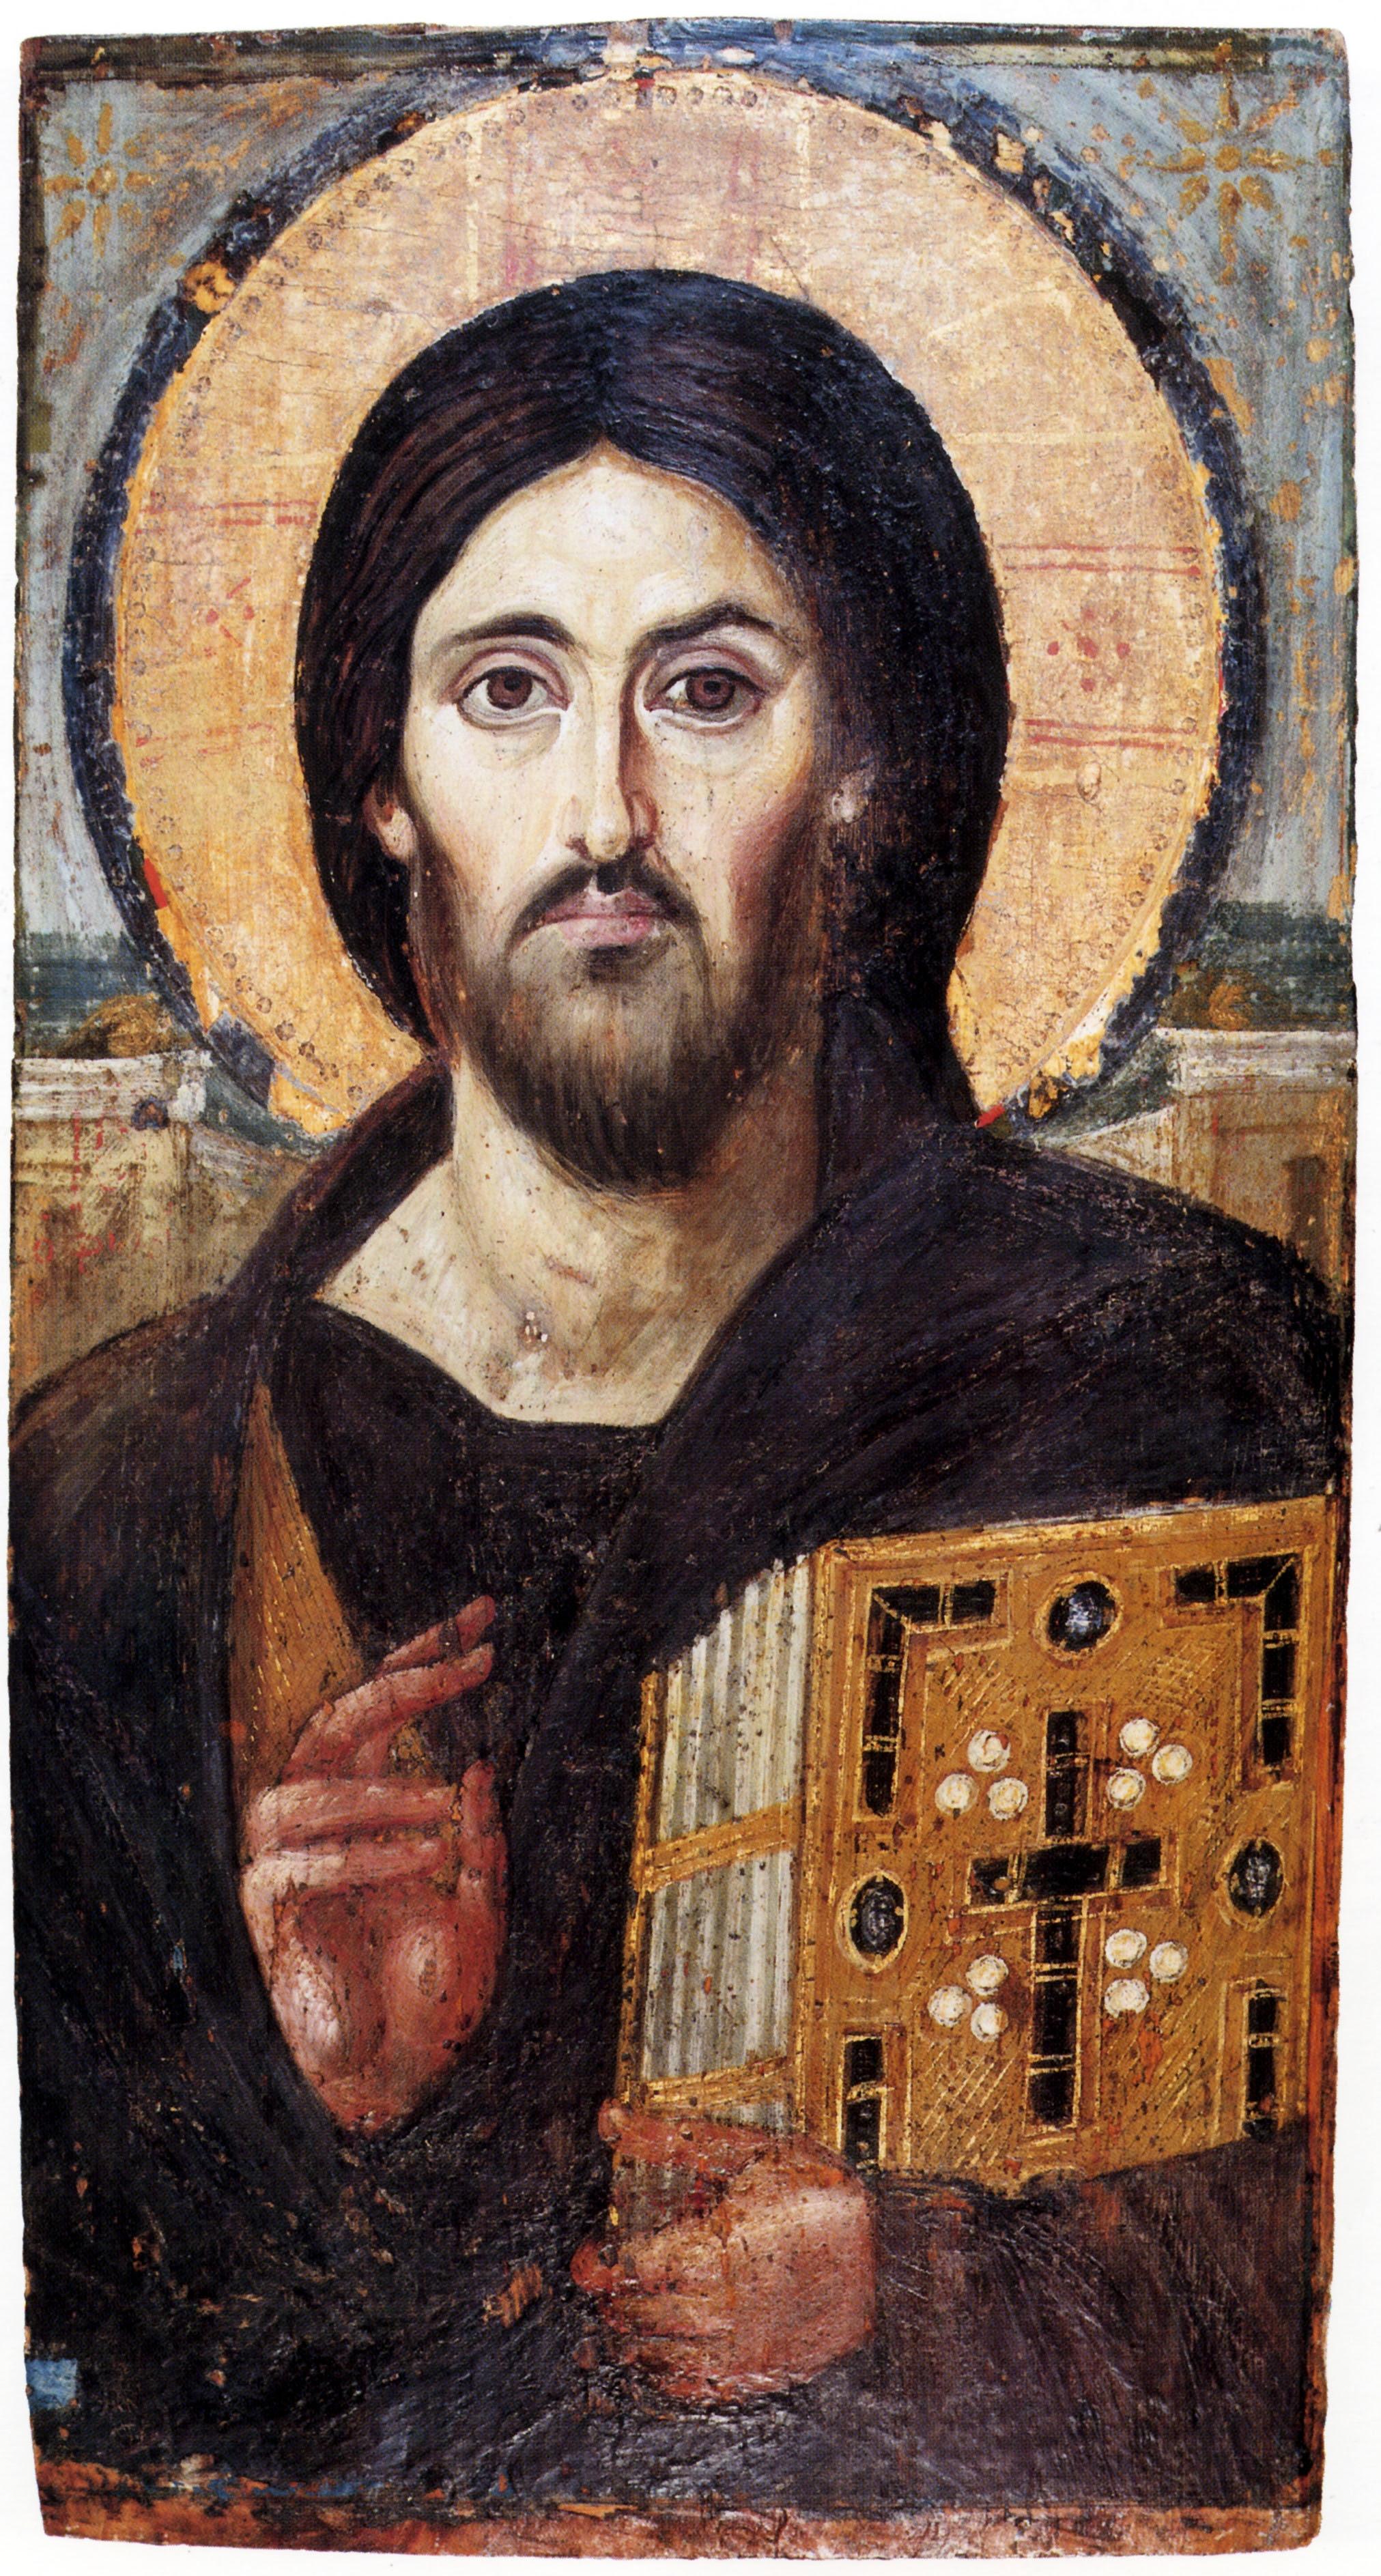 Jesus de Nazaré, O mais antigo painel iconográfico do Cristo Pantocrator, datado do século VI